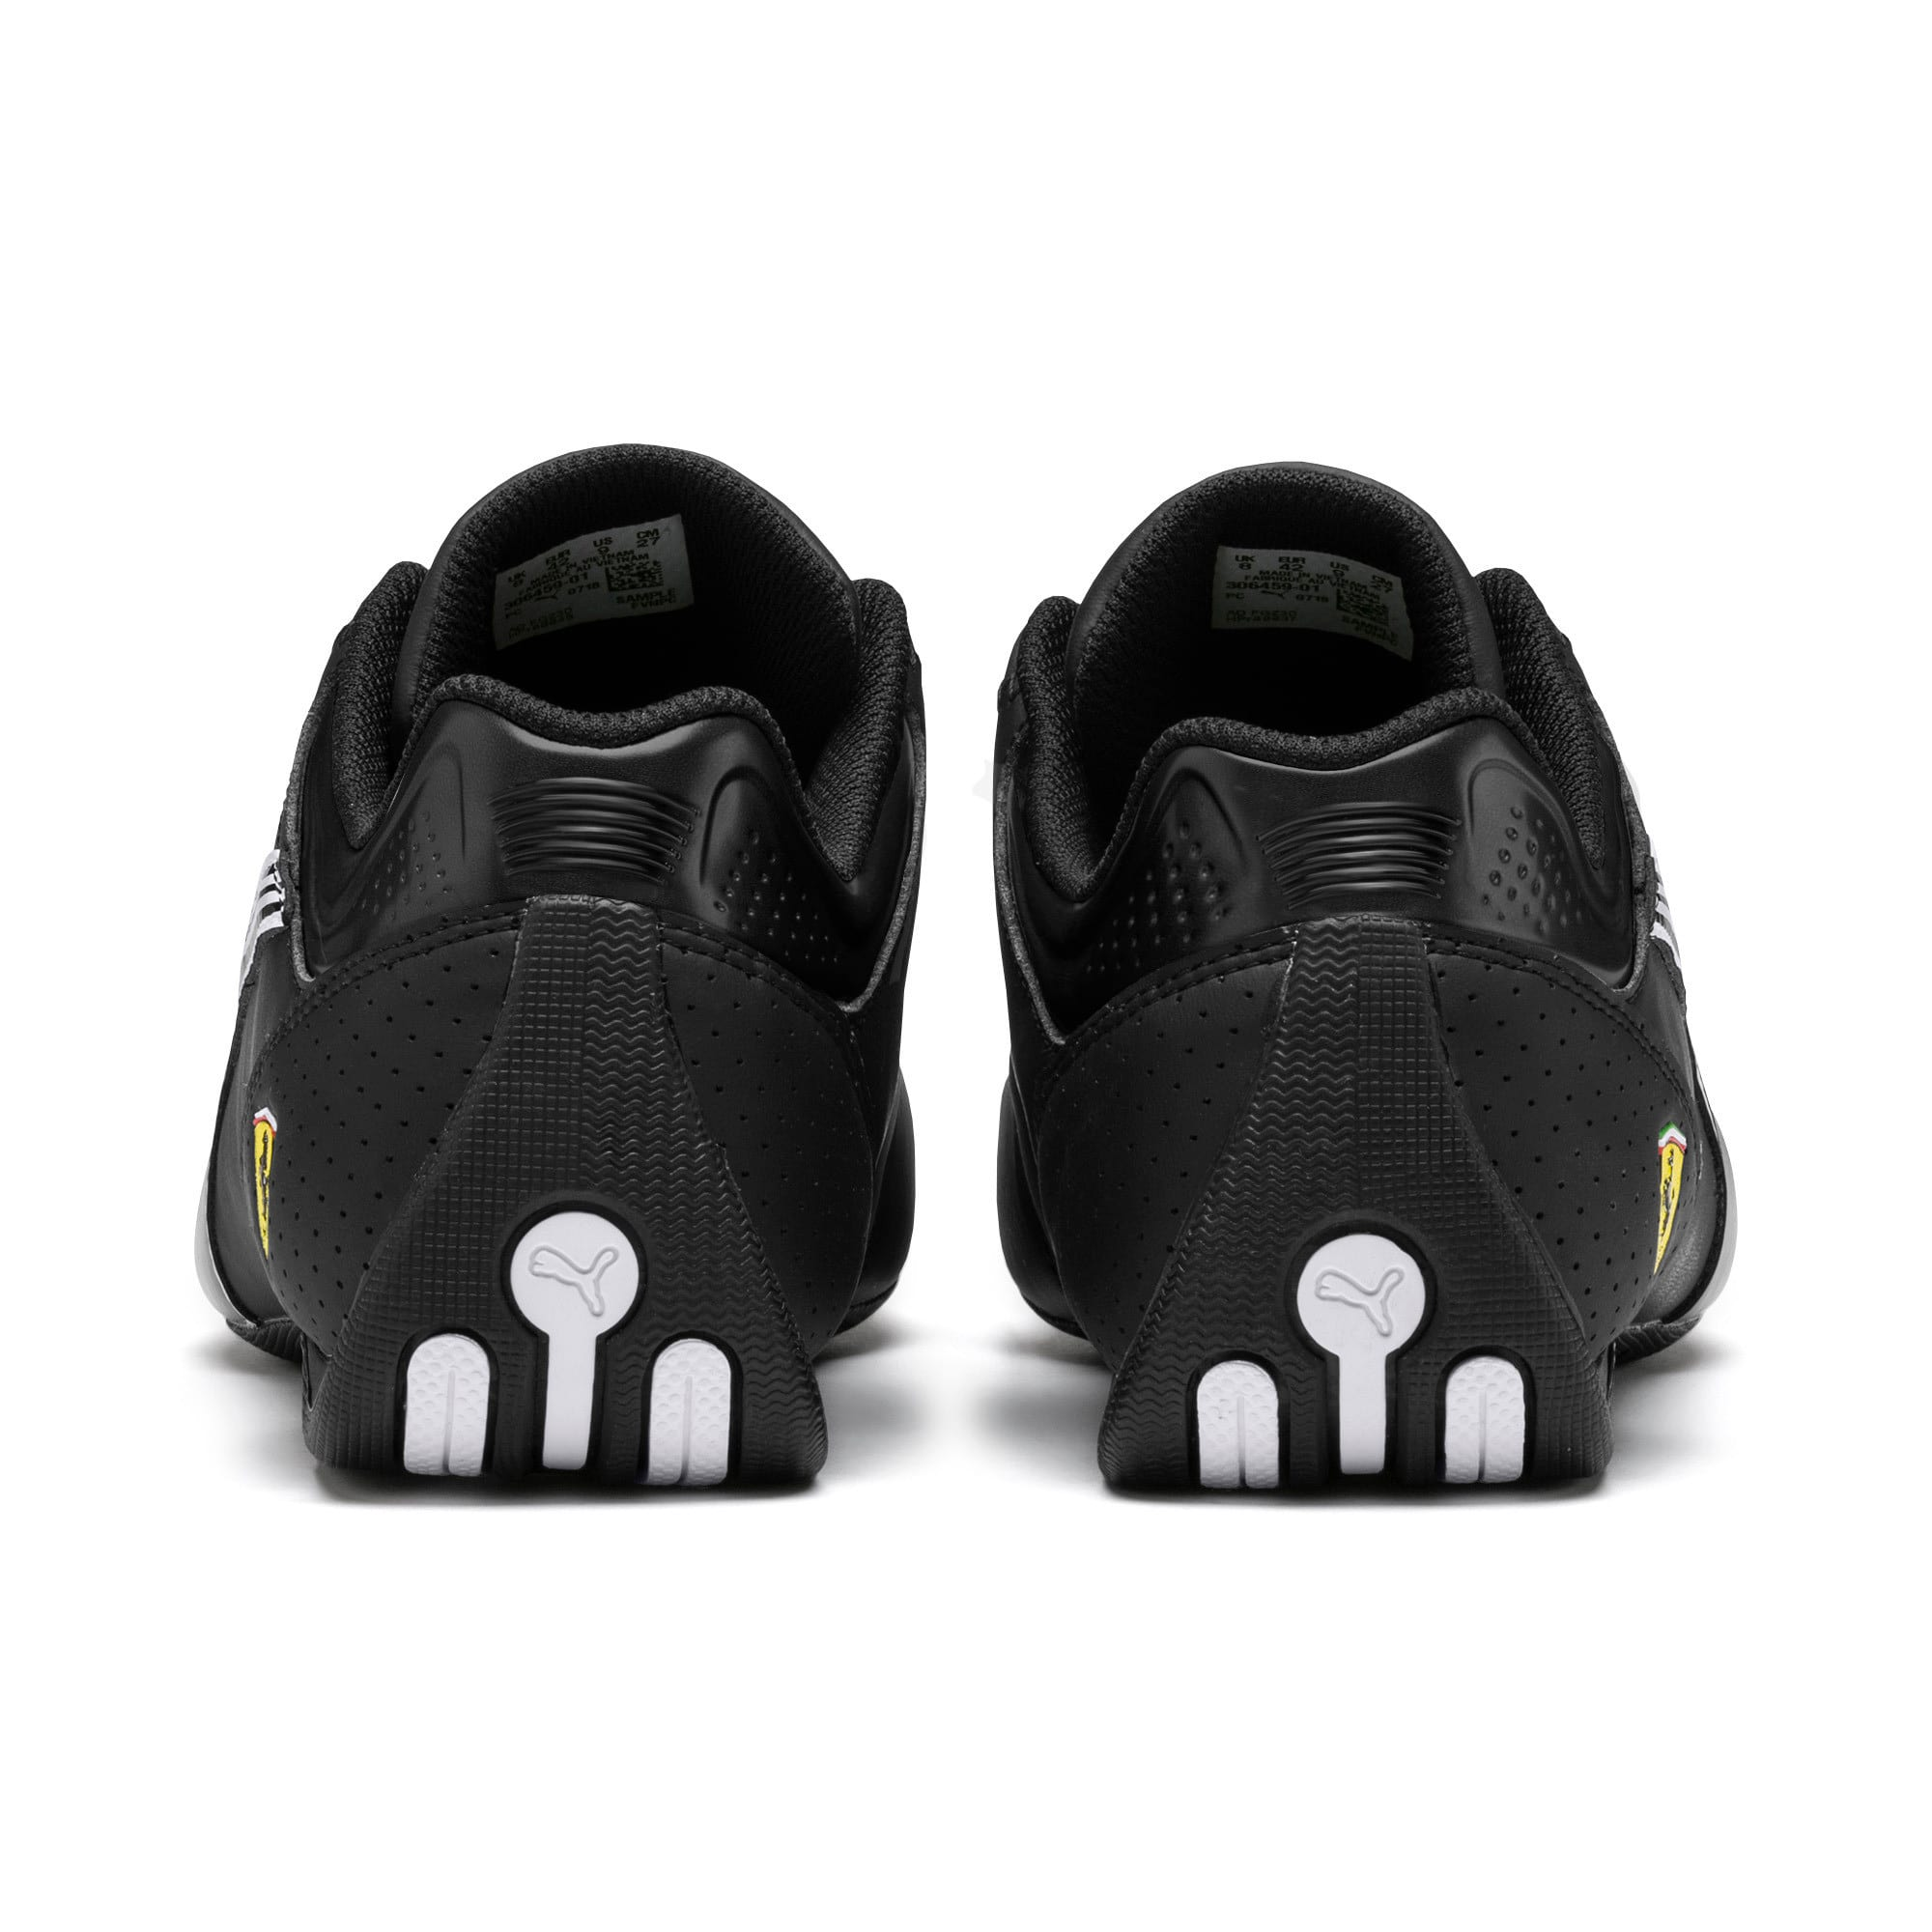 Miniatura 4 de ZapatosScuderiaFerrariFuture Kart Cat, Black-Puma White-Rosso Corsa, mediano